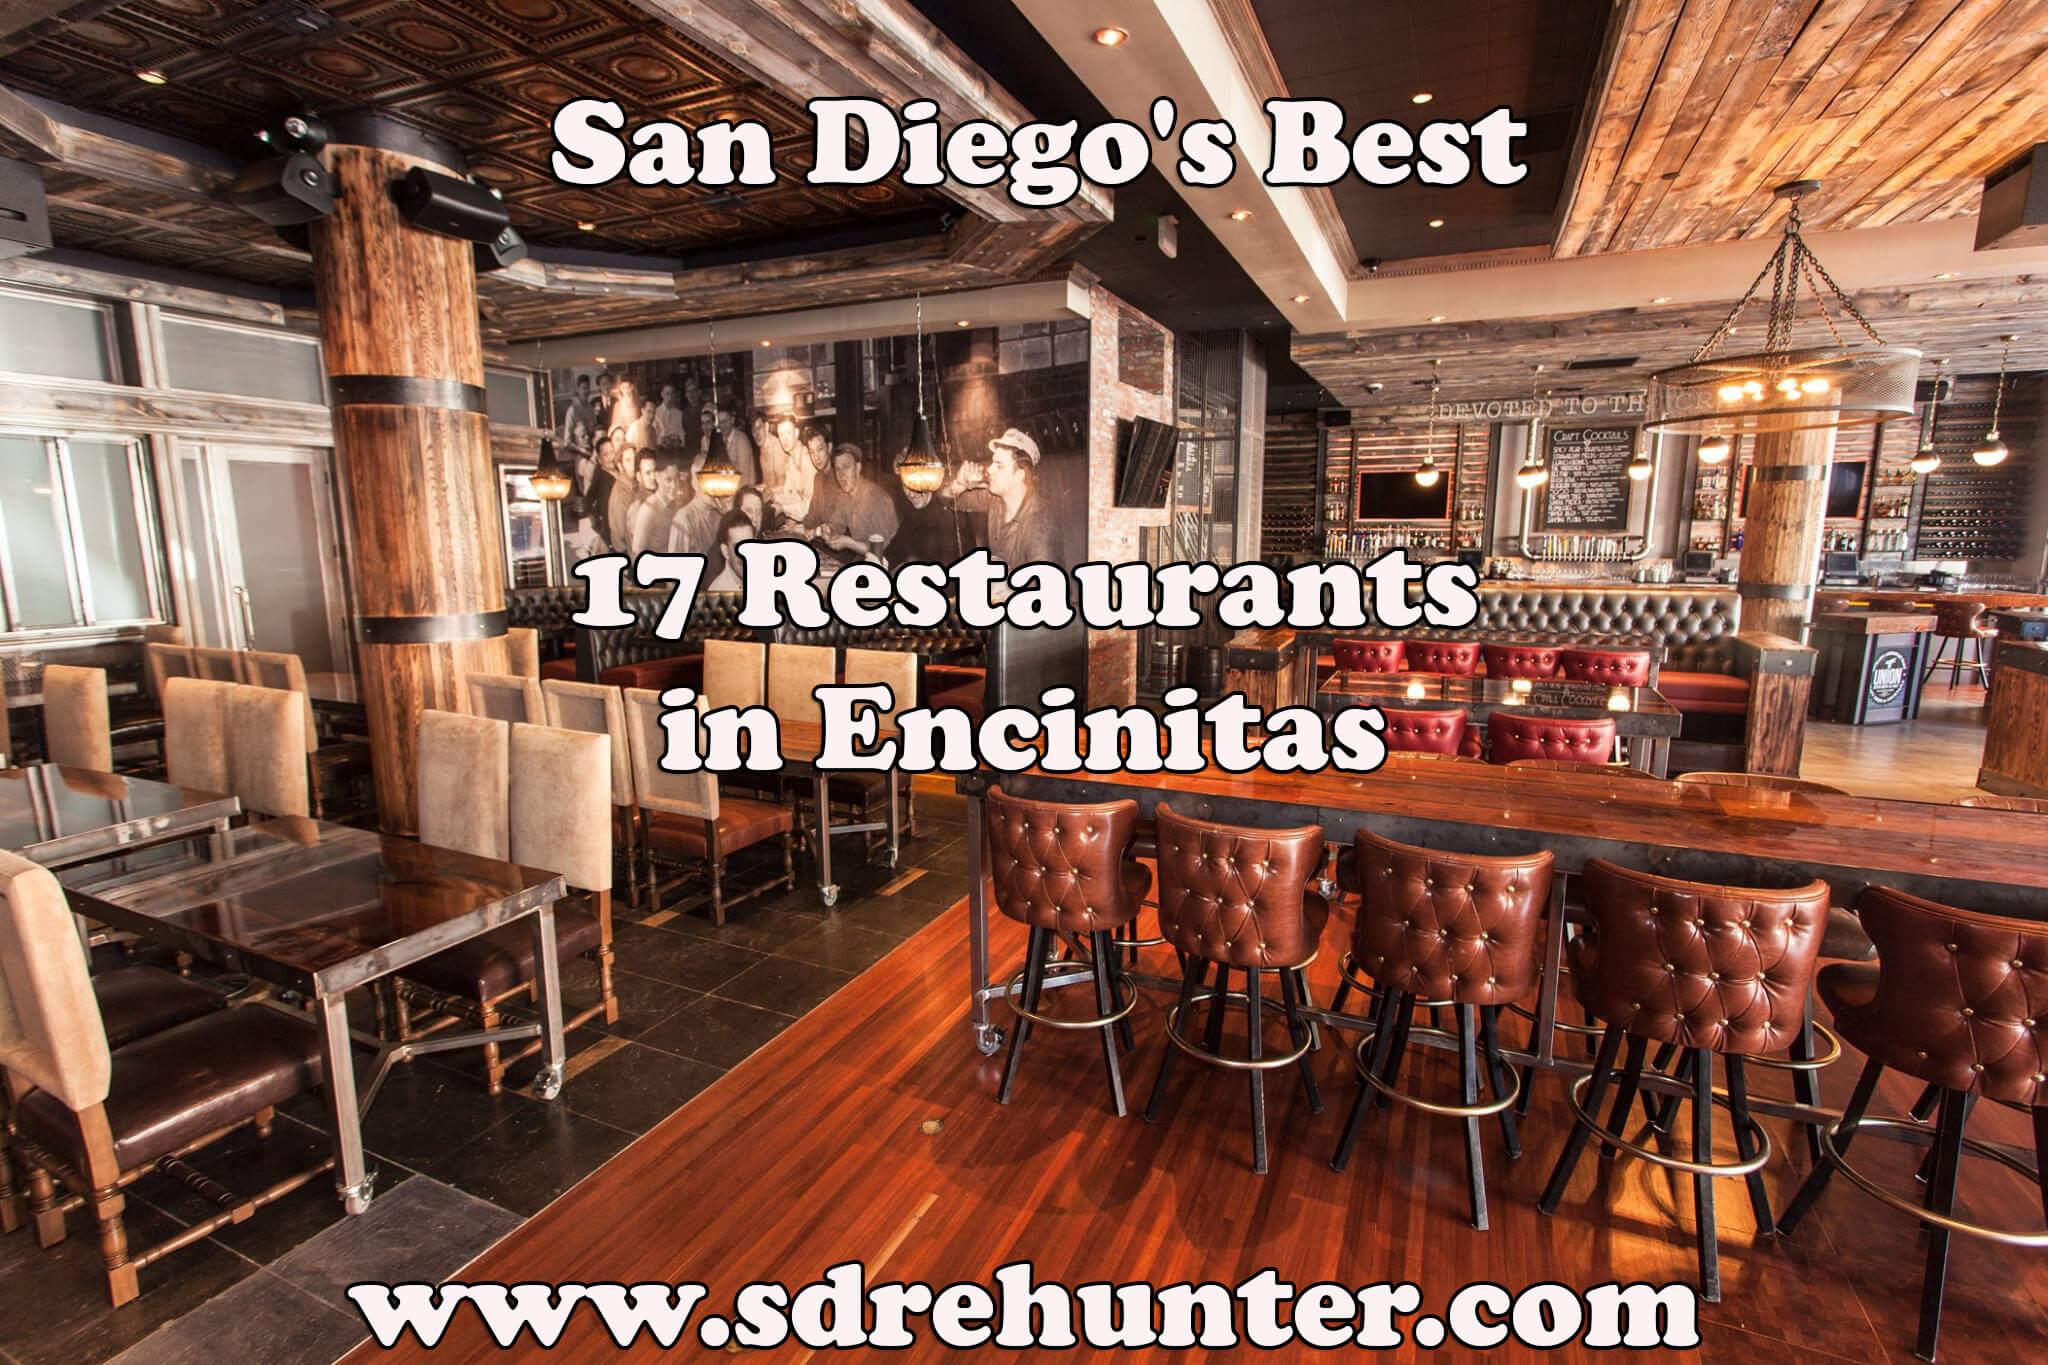 Encinitas San Diego's Best 17 Restaurants in 2017